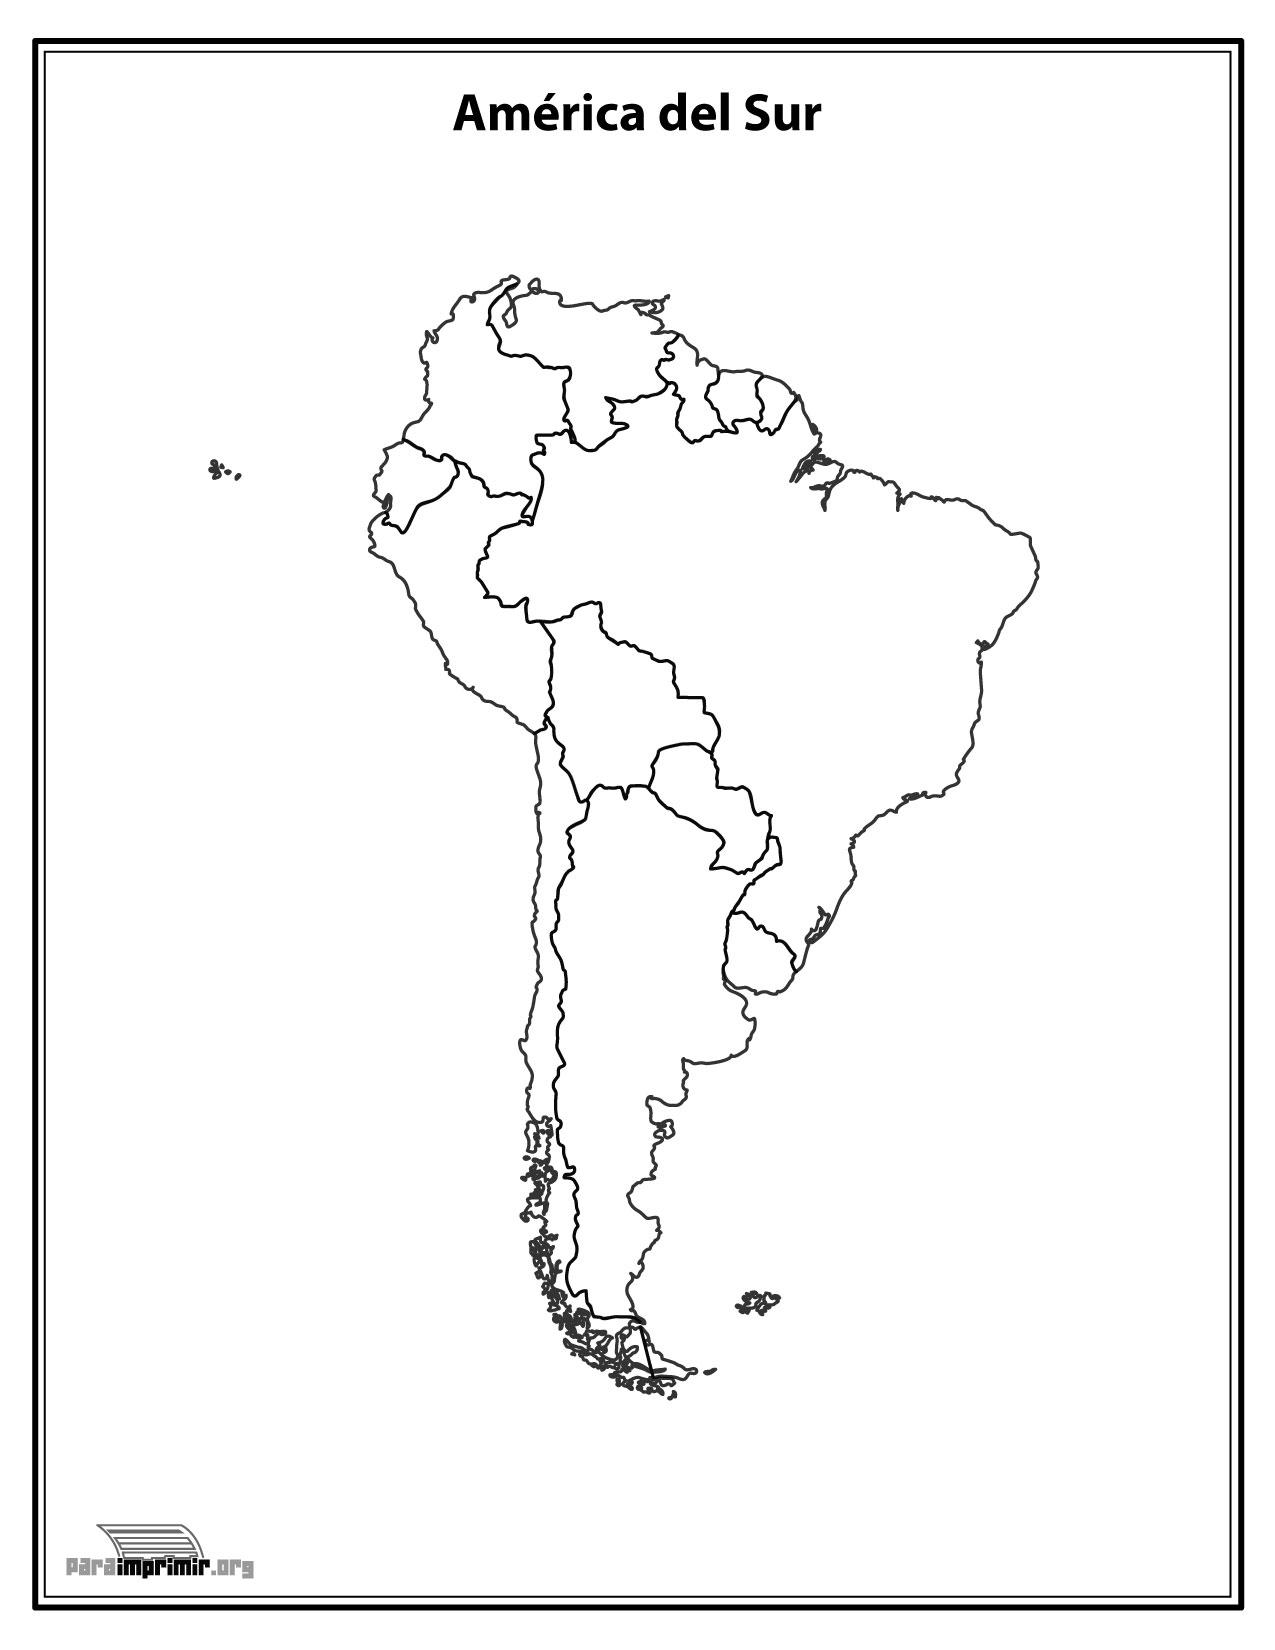 Mapa America Del Sur Con Nombres.Mapa Del Continente Sur Americano Sin Nombres Para Imprimir